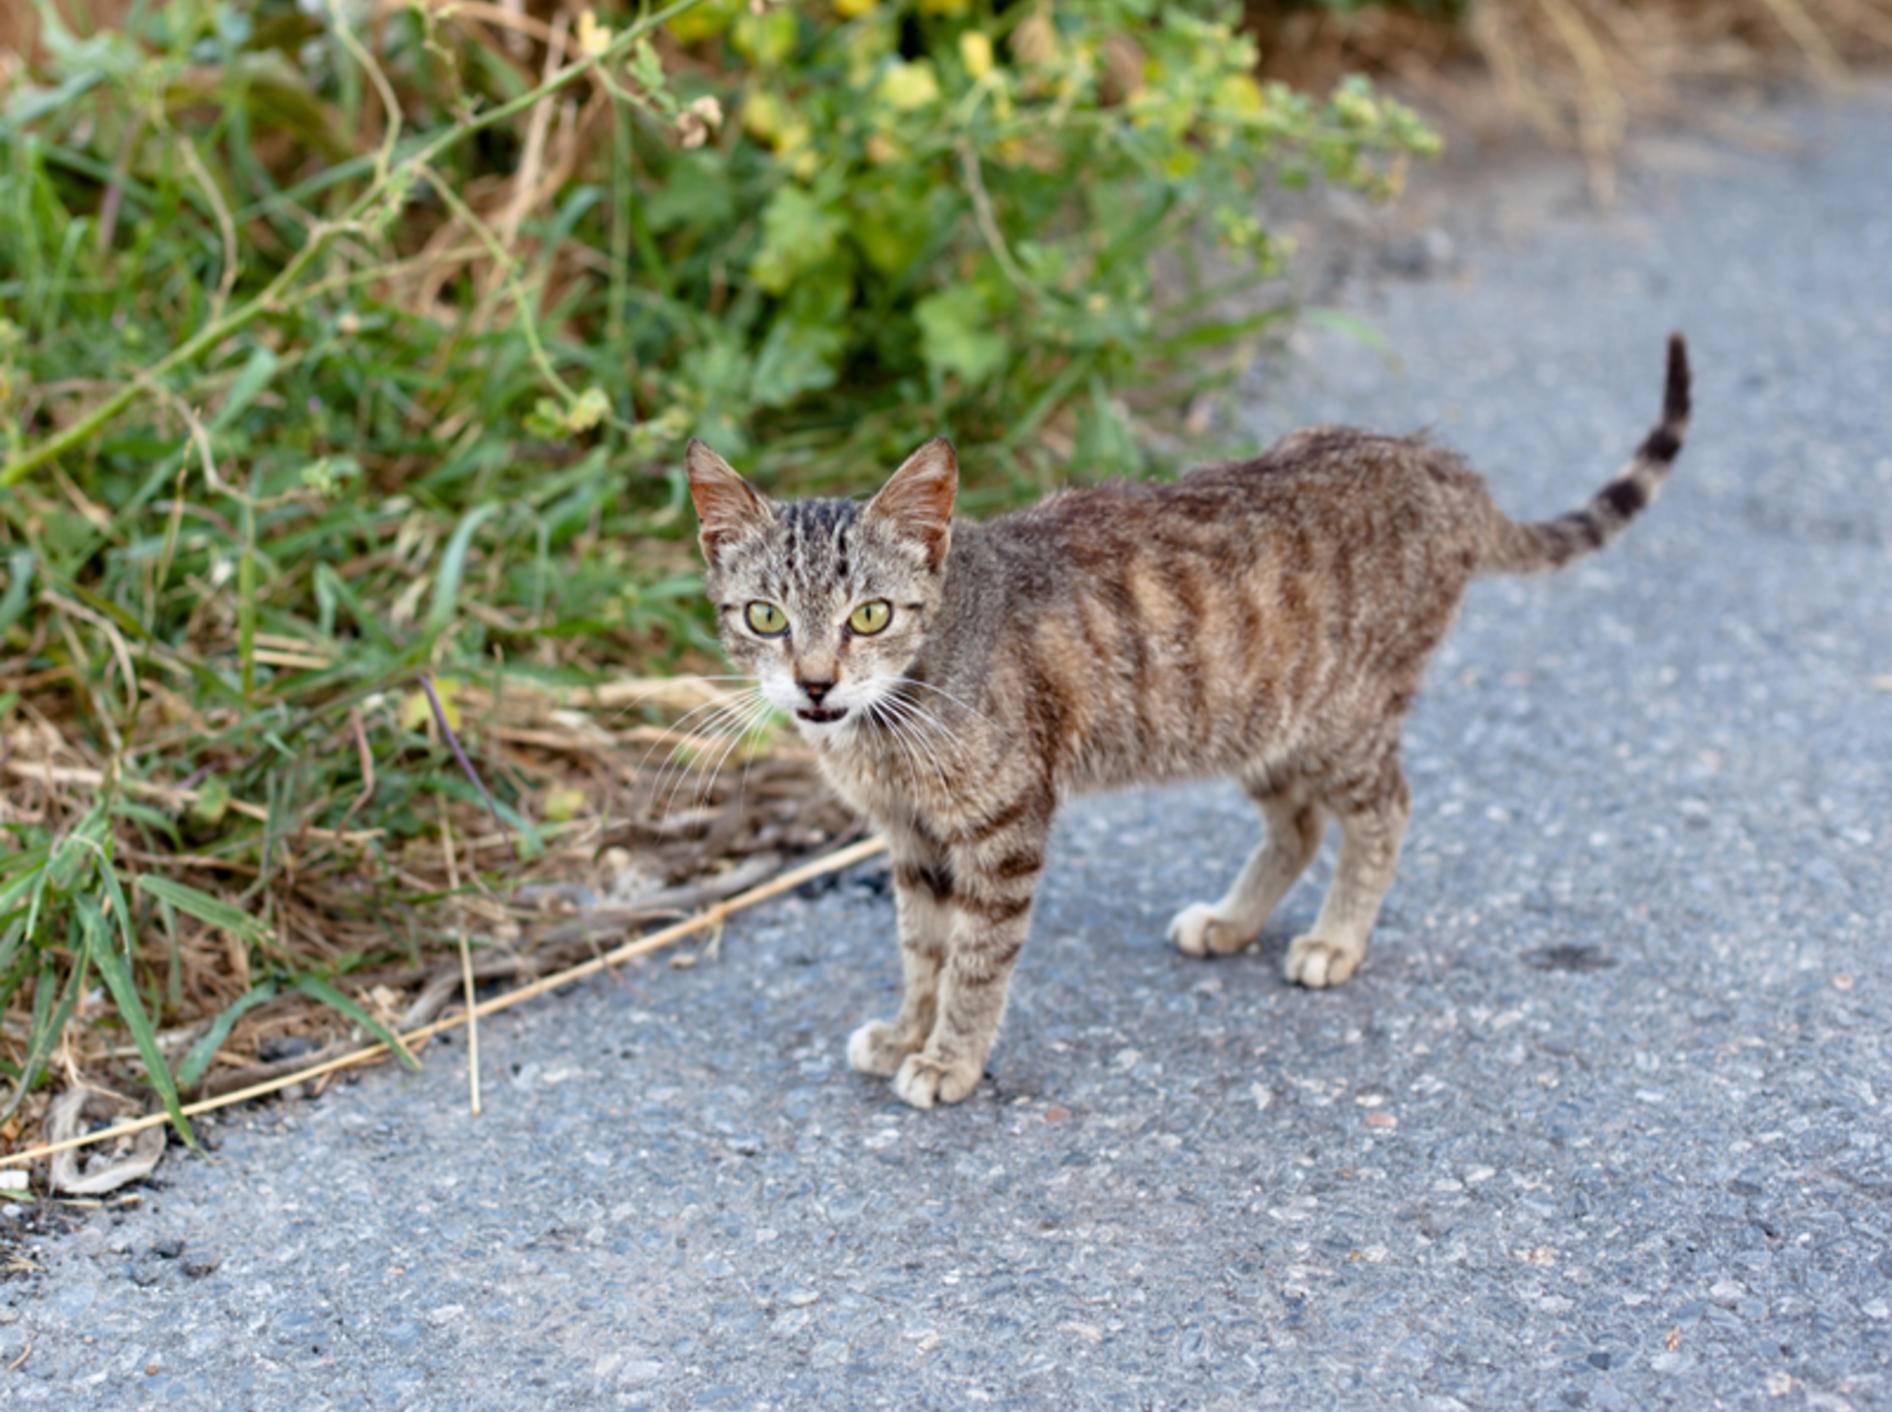 behandlung von giardien bei katzen)